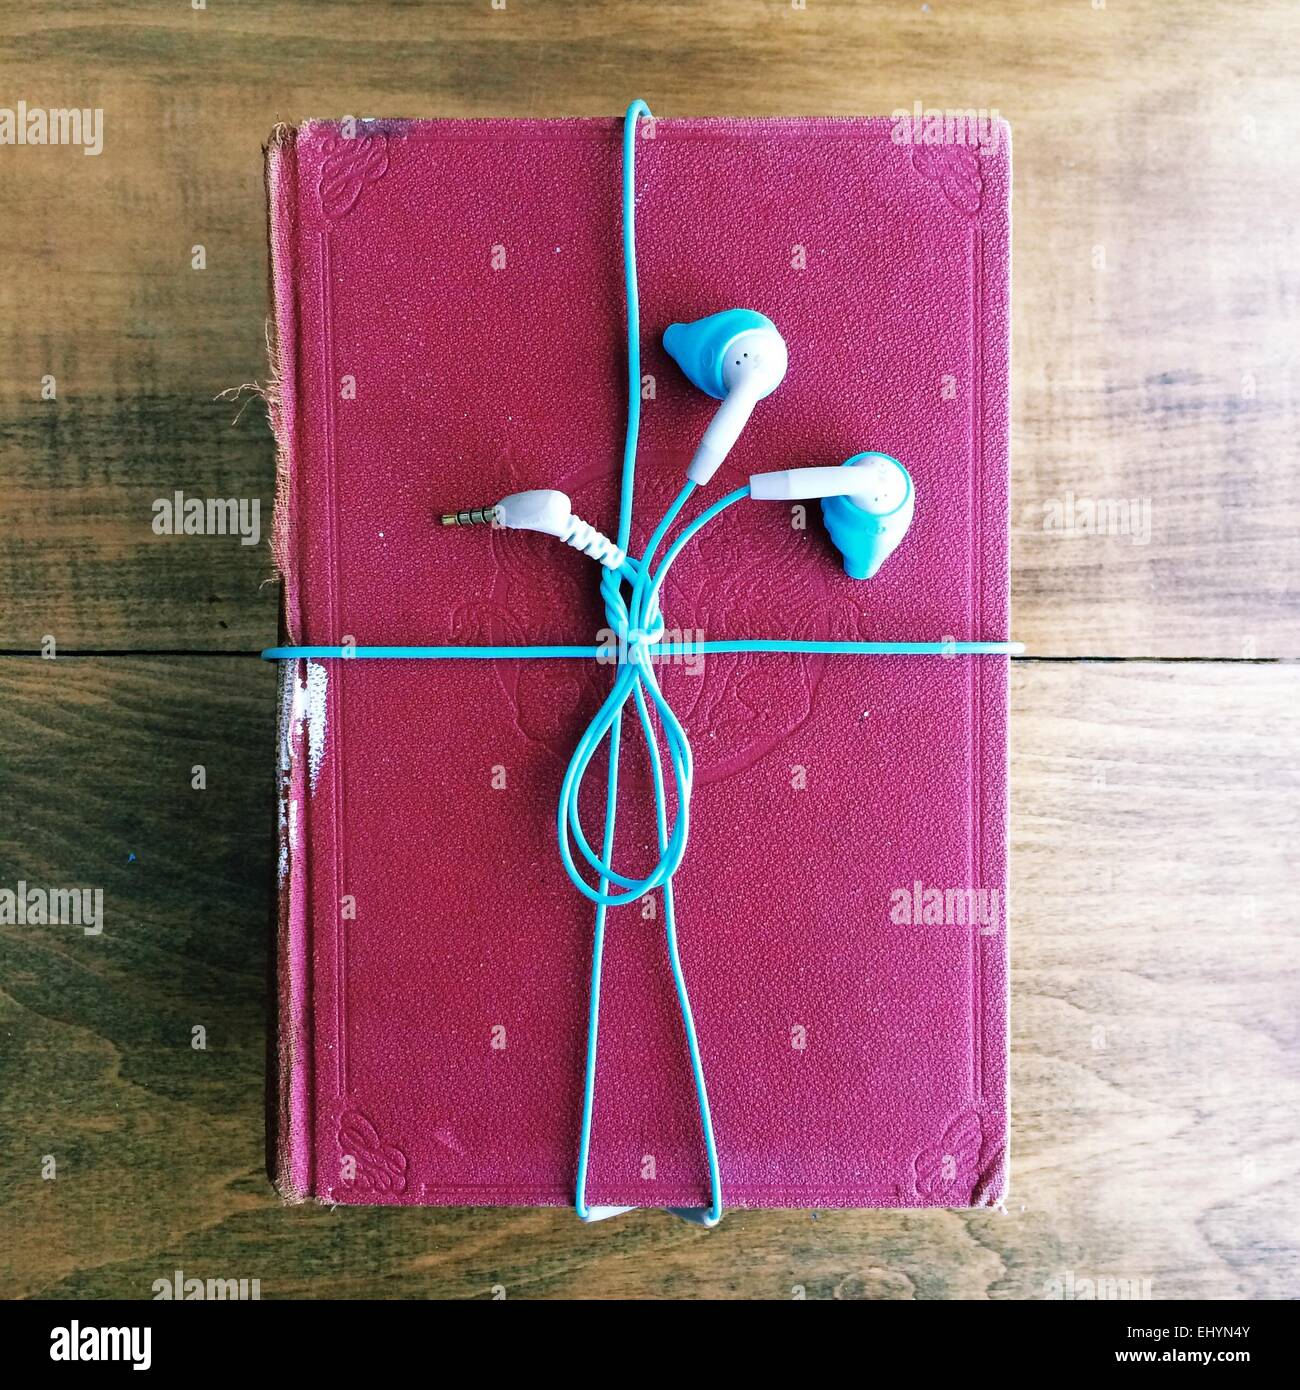 Kopfhörer um ein altes Buch gewickelt Stockbild